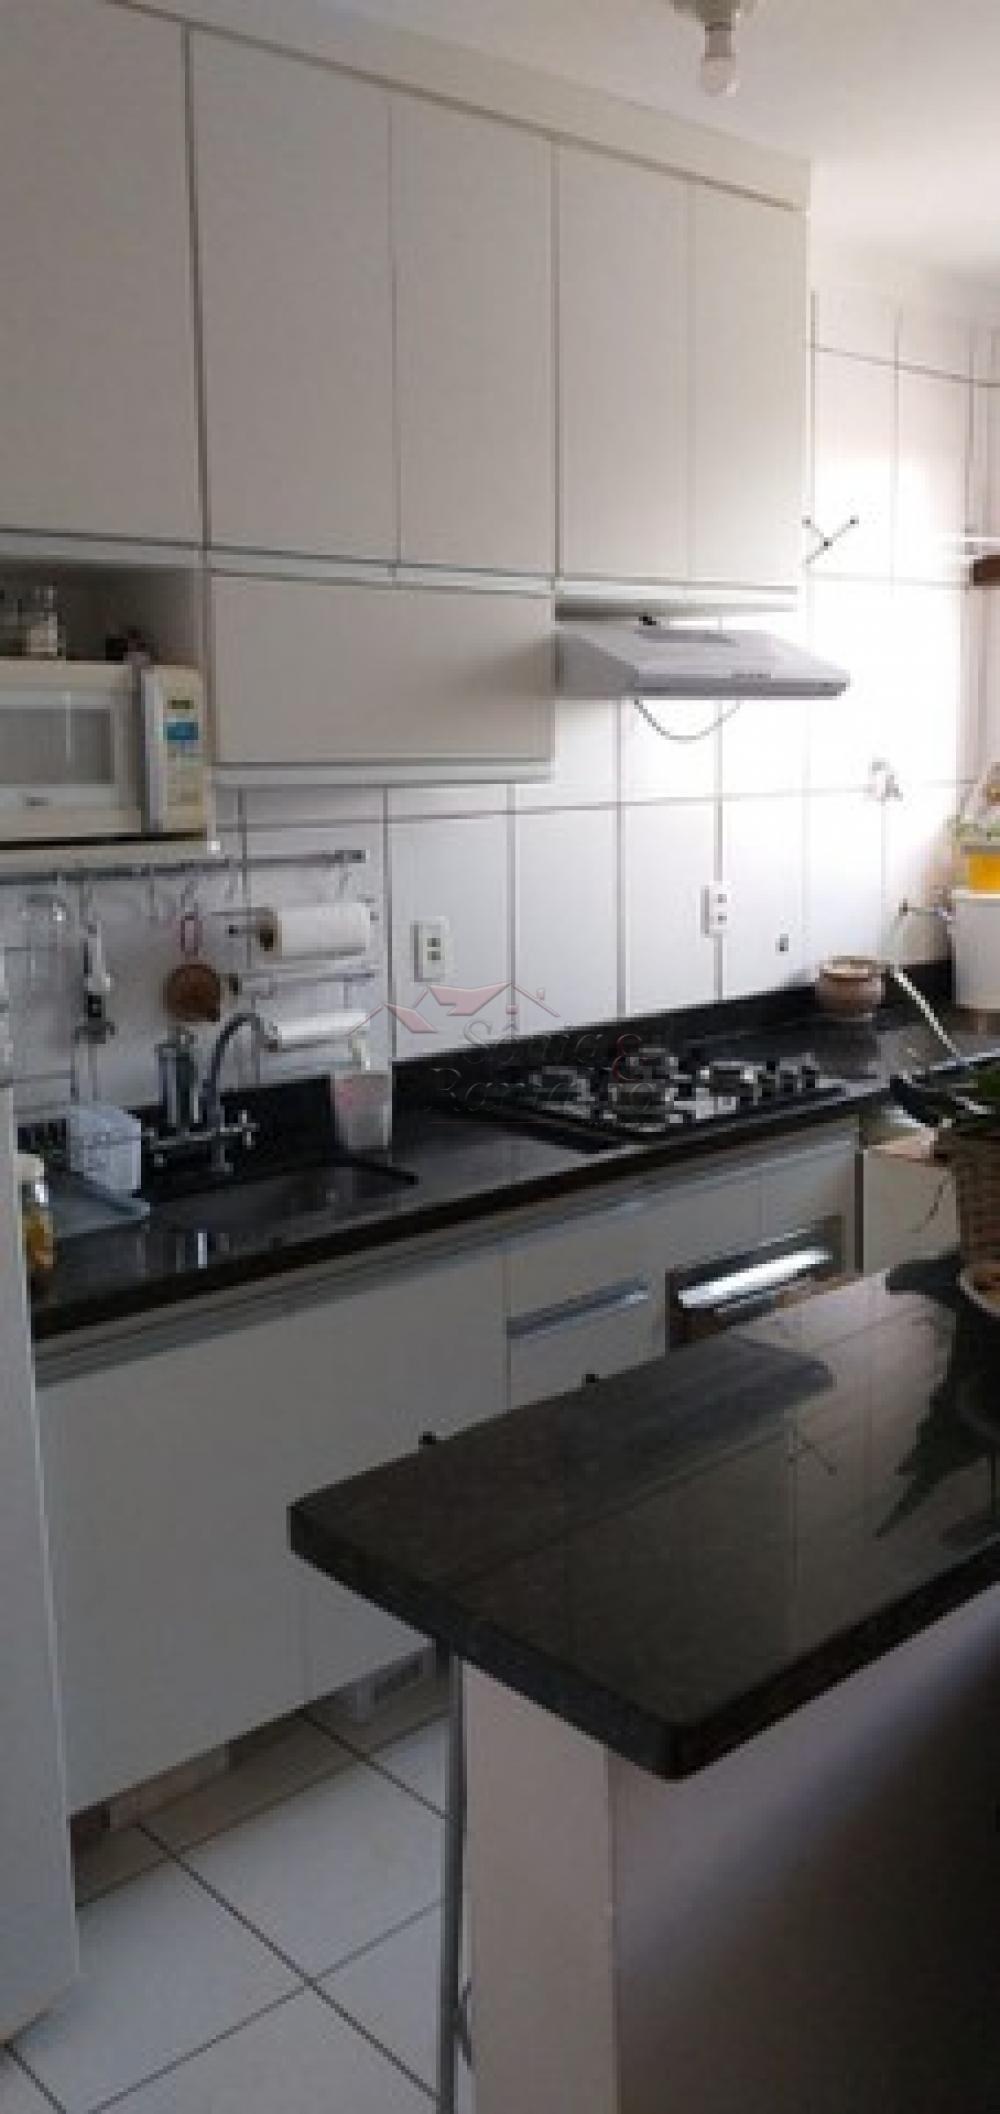 Comprar Apartamentos / Padrão em Ribeirão Preto apenas R$ 170.000,00 - Foto 1